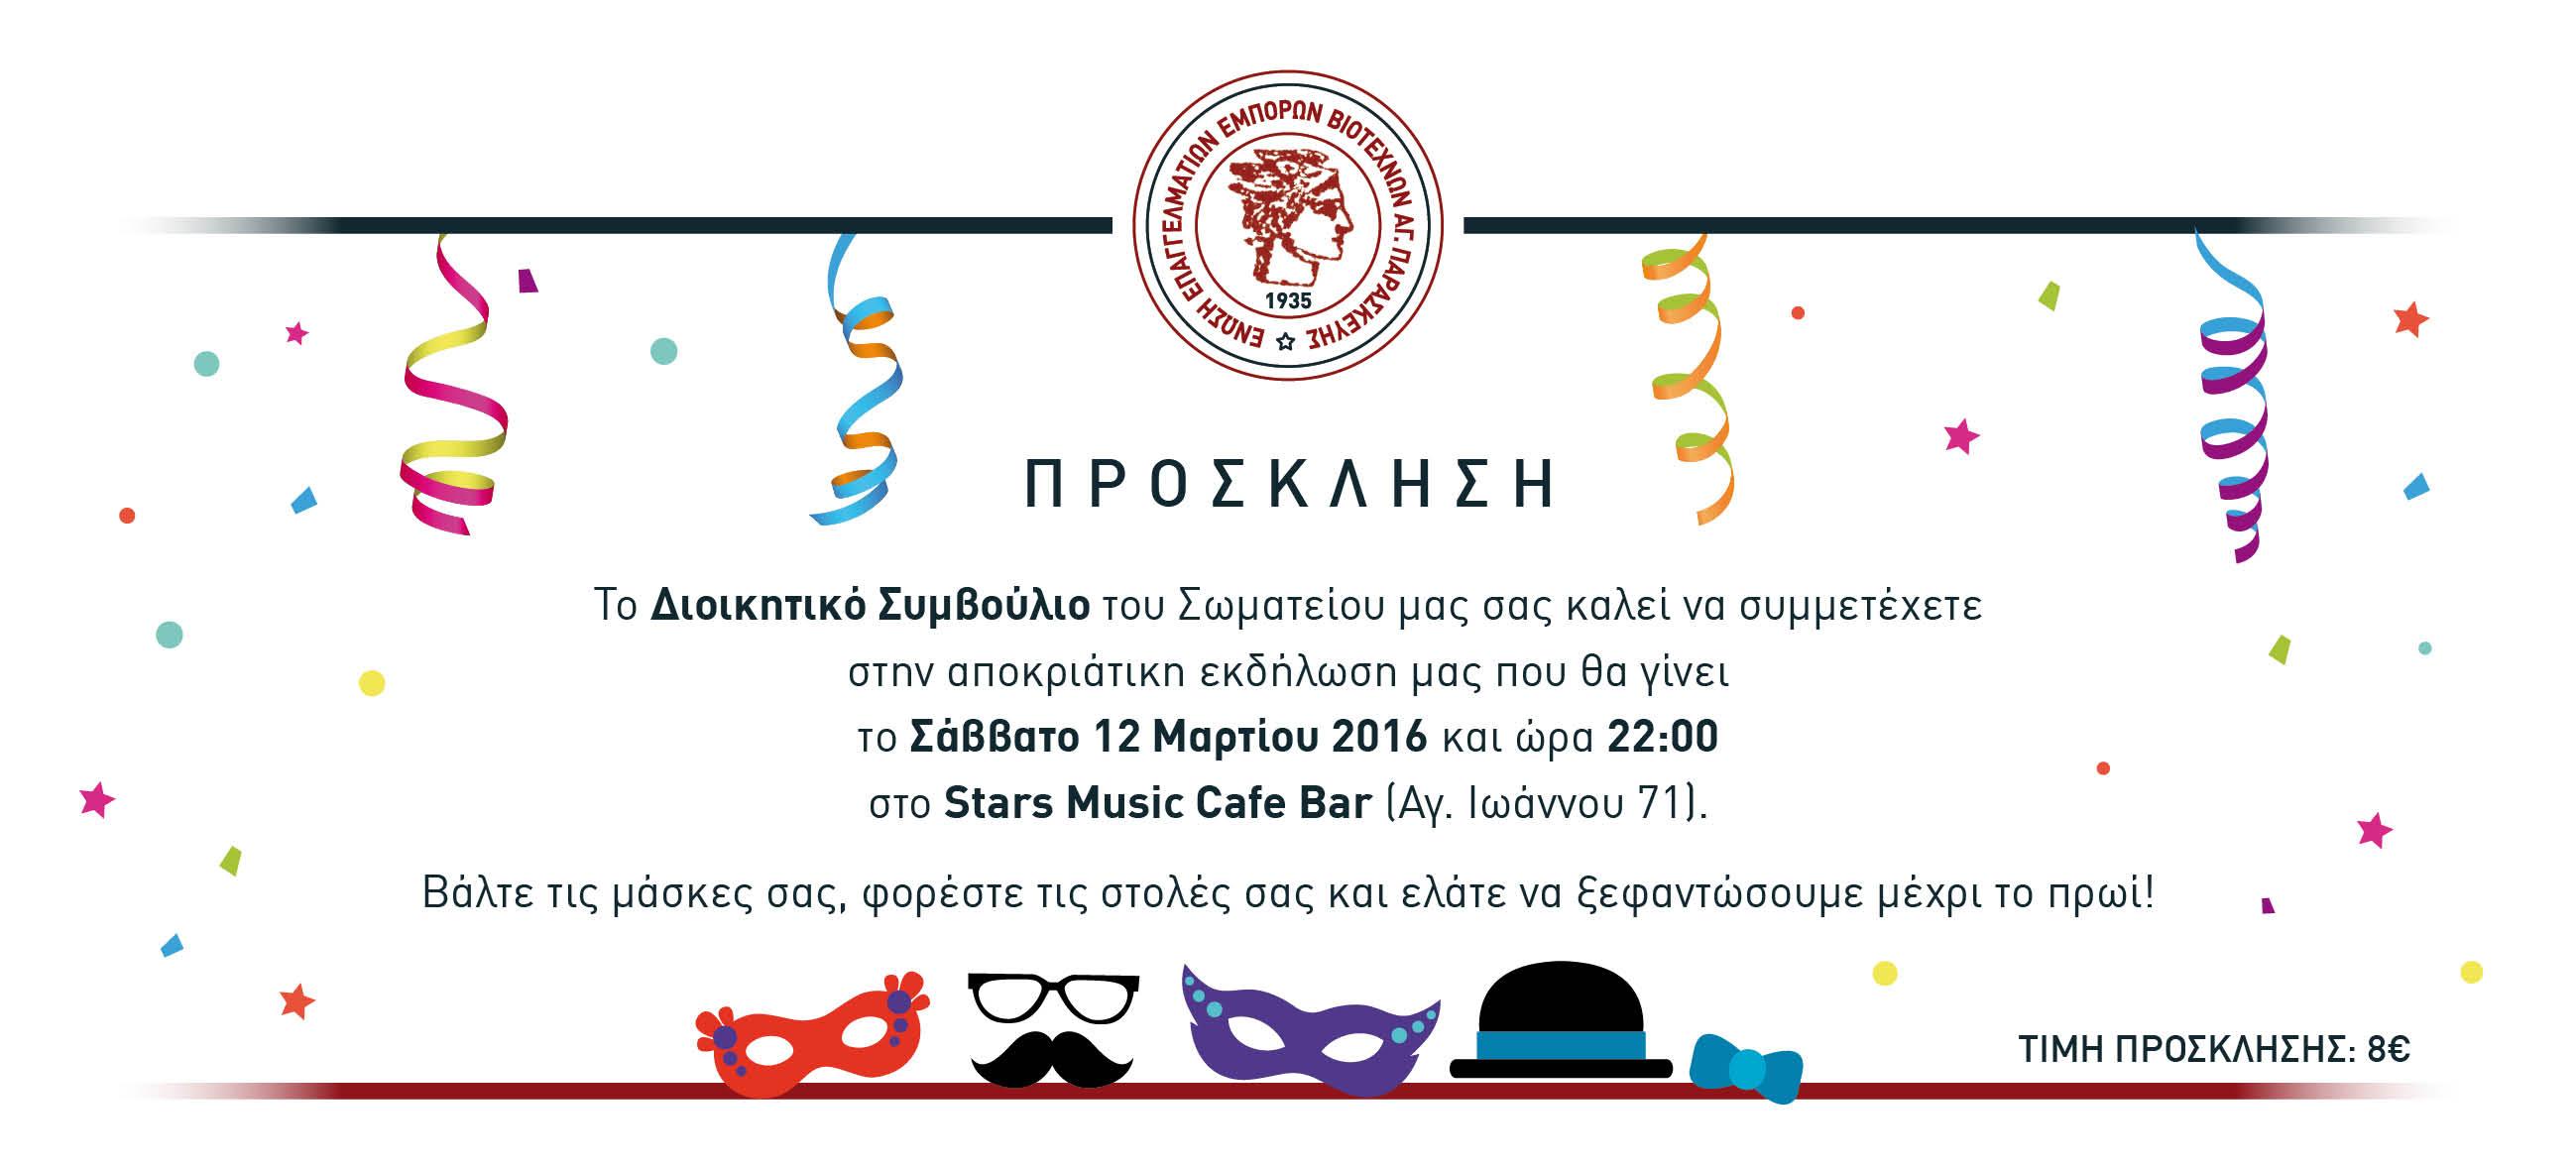 ENEVAP_prosklisi_apokriatiko_party_low